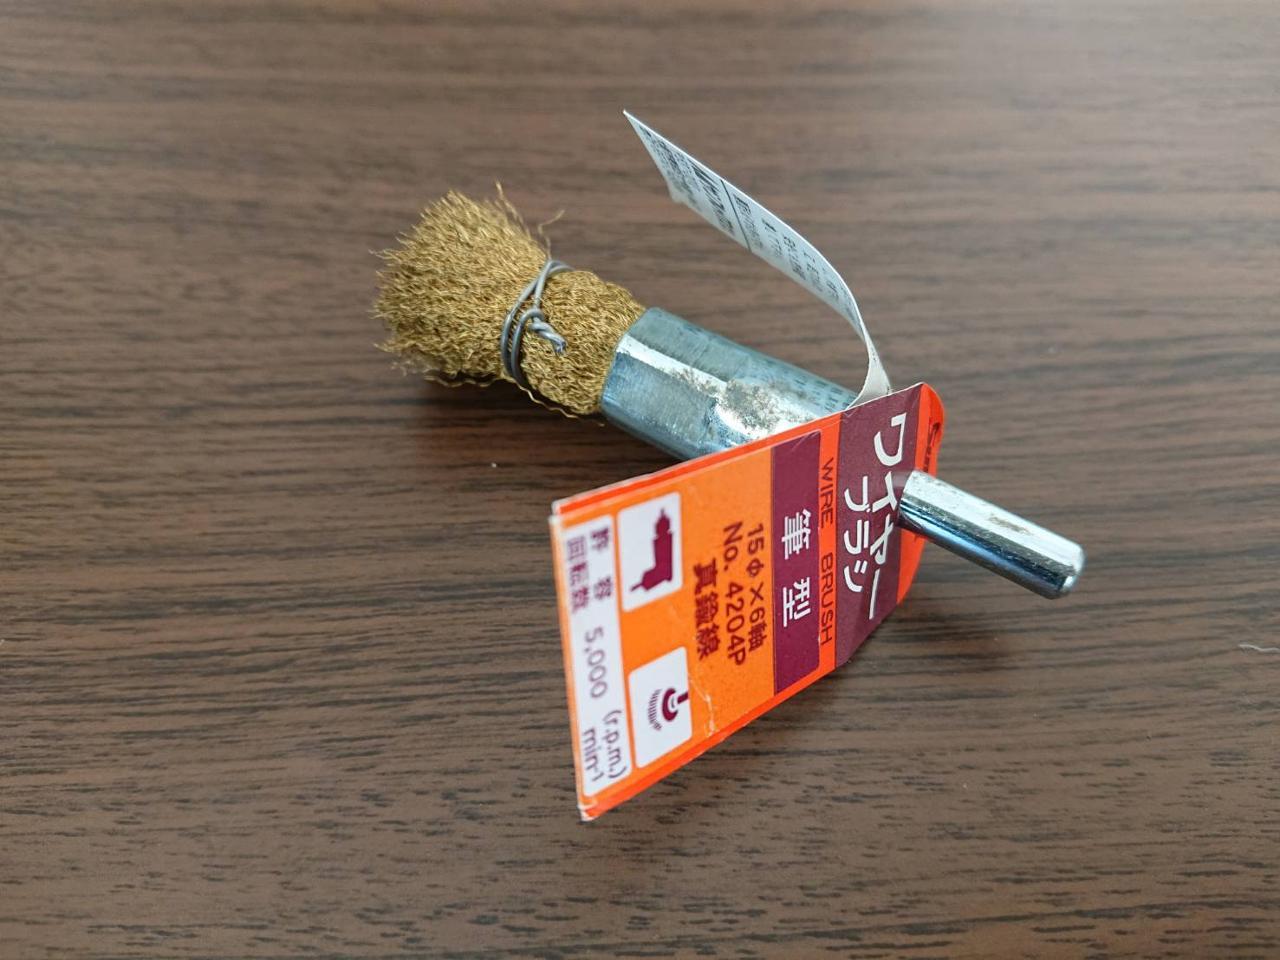 sunflex ワイヤーブラシ 筆型 15φ×6軸 真鍮線